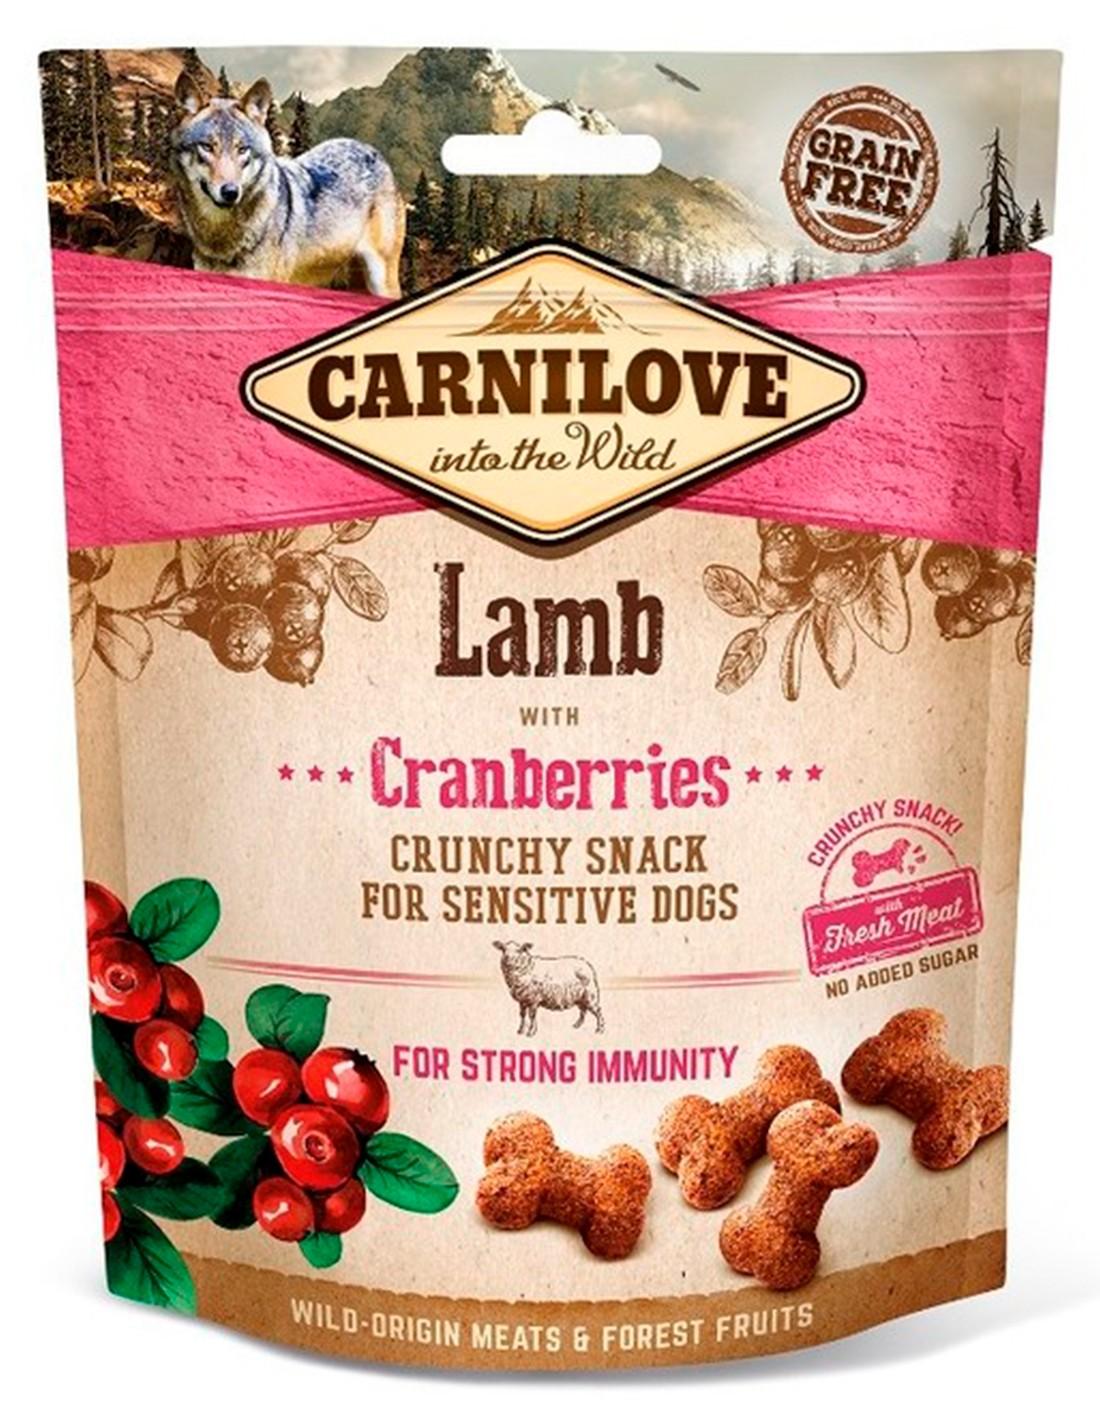 Carnilove Cordero con arándanos 200g - Snack Crunchy